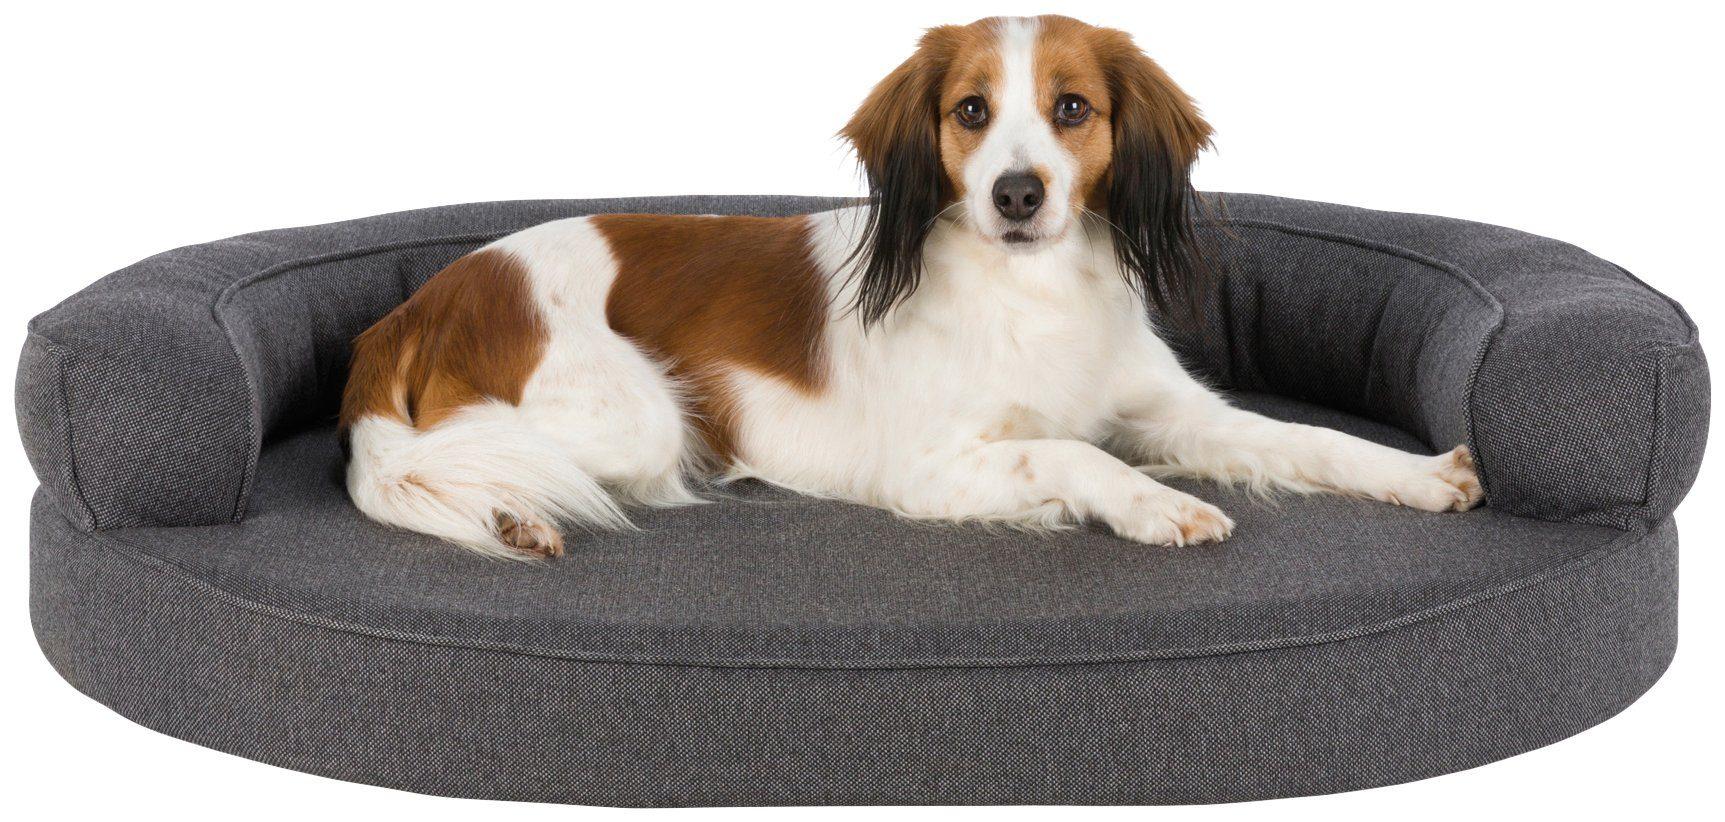 TRIXIE Hundesofa und Katzensofa »Florentina«, BxT: 110x85 cm, grau